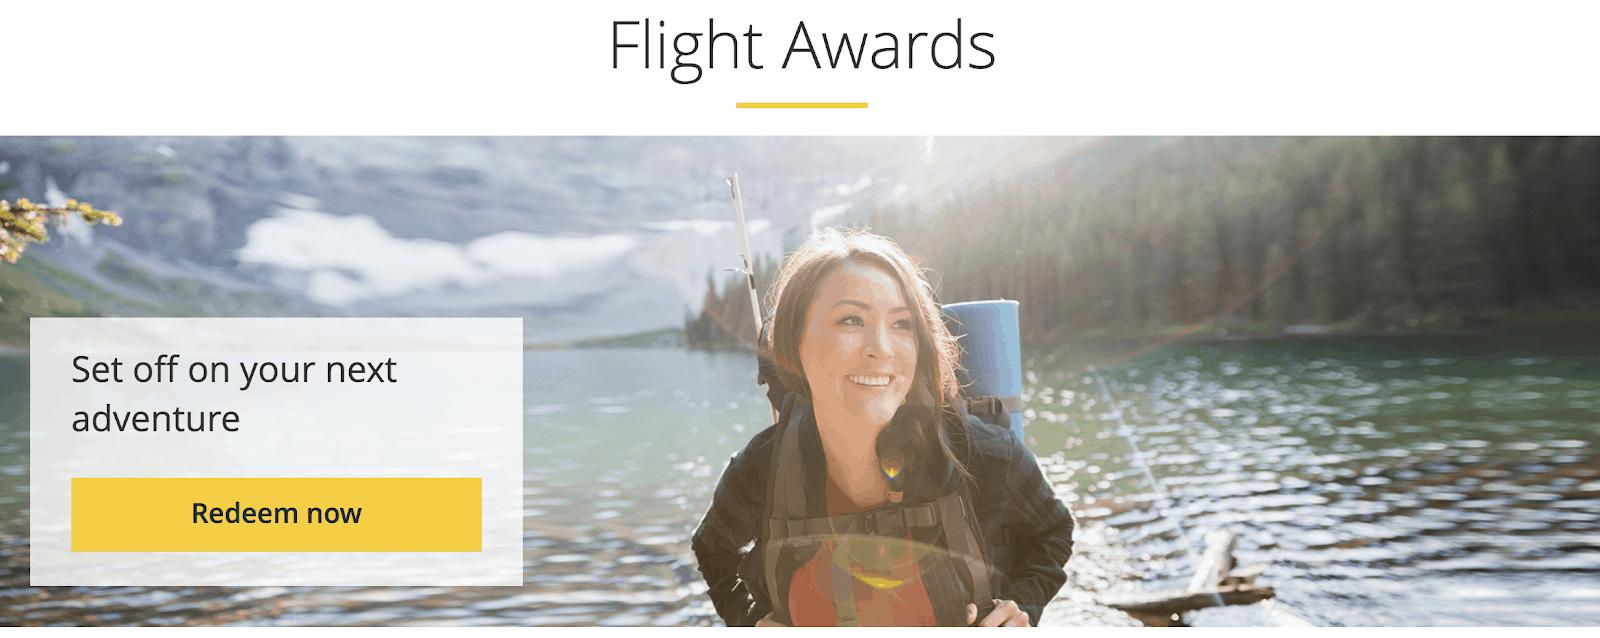 01. CATHAY FLIGHT AWARDS